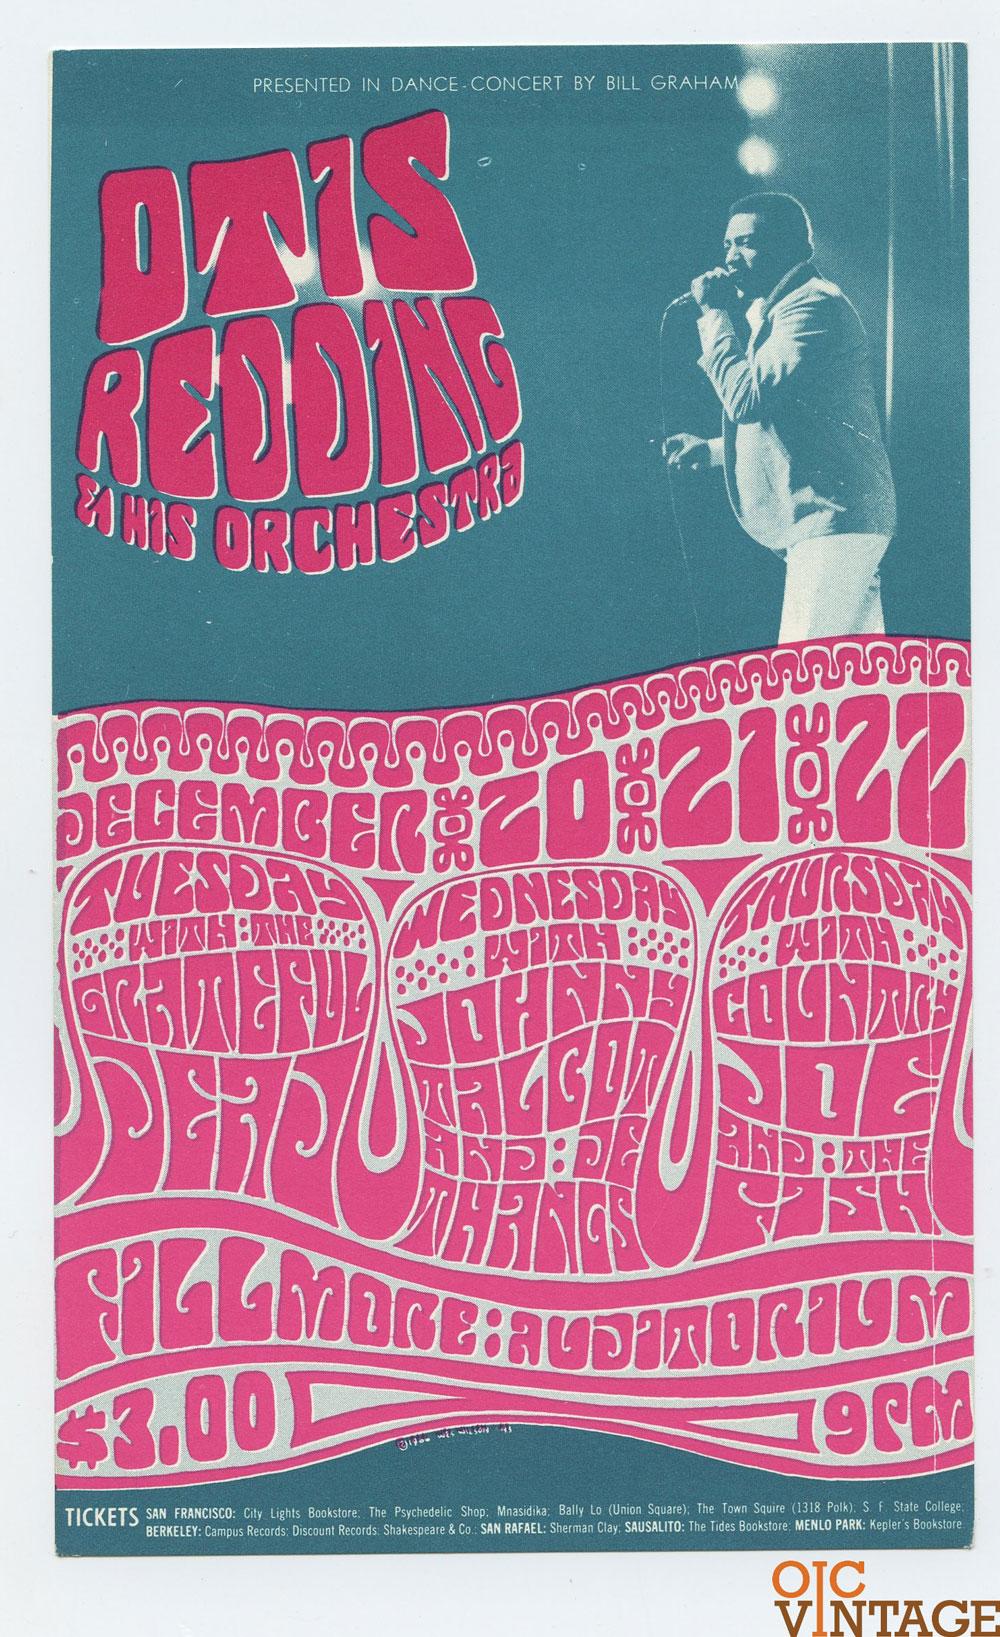 Bill Graham 043 Handbill Otis Redding Grateful Dead 1966 Dec 20